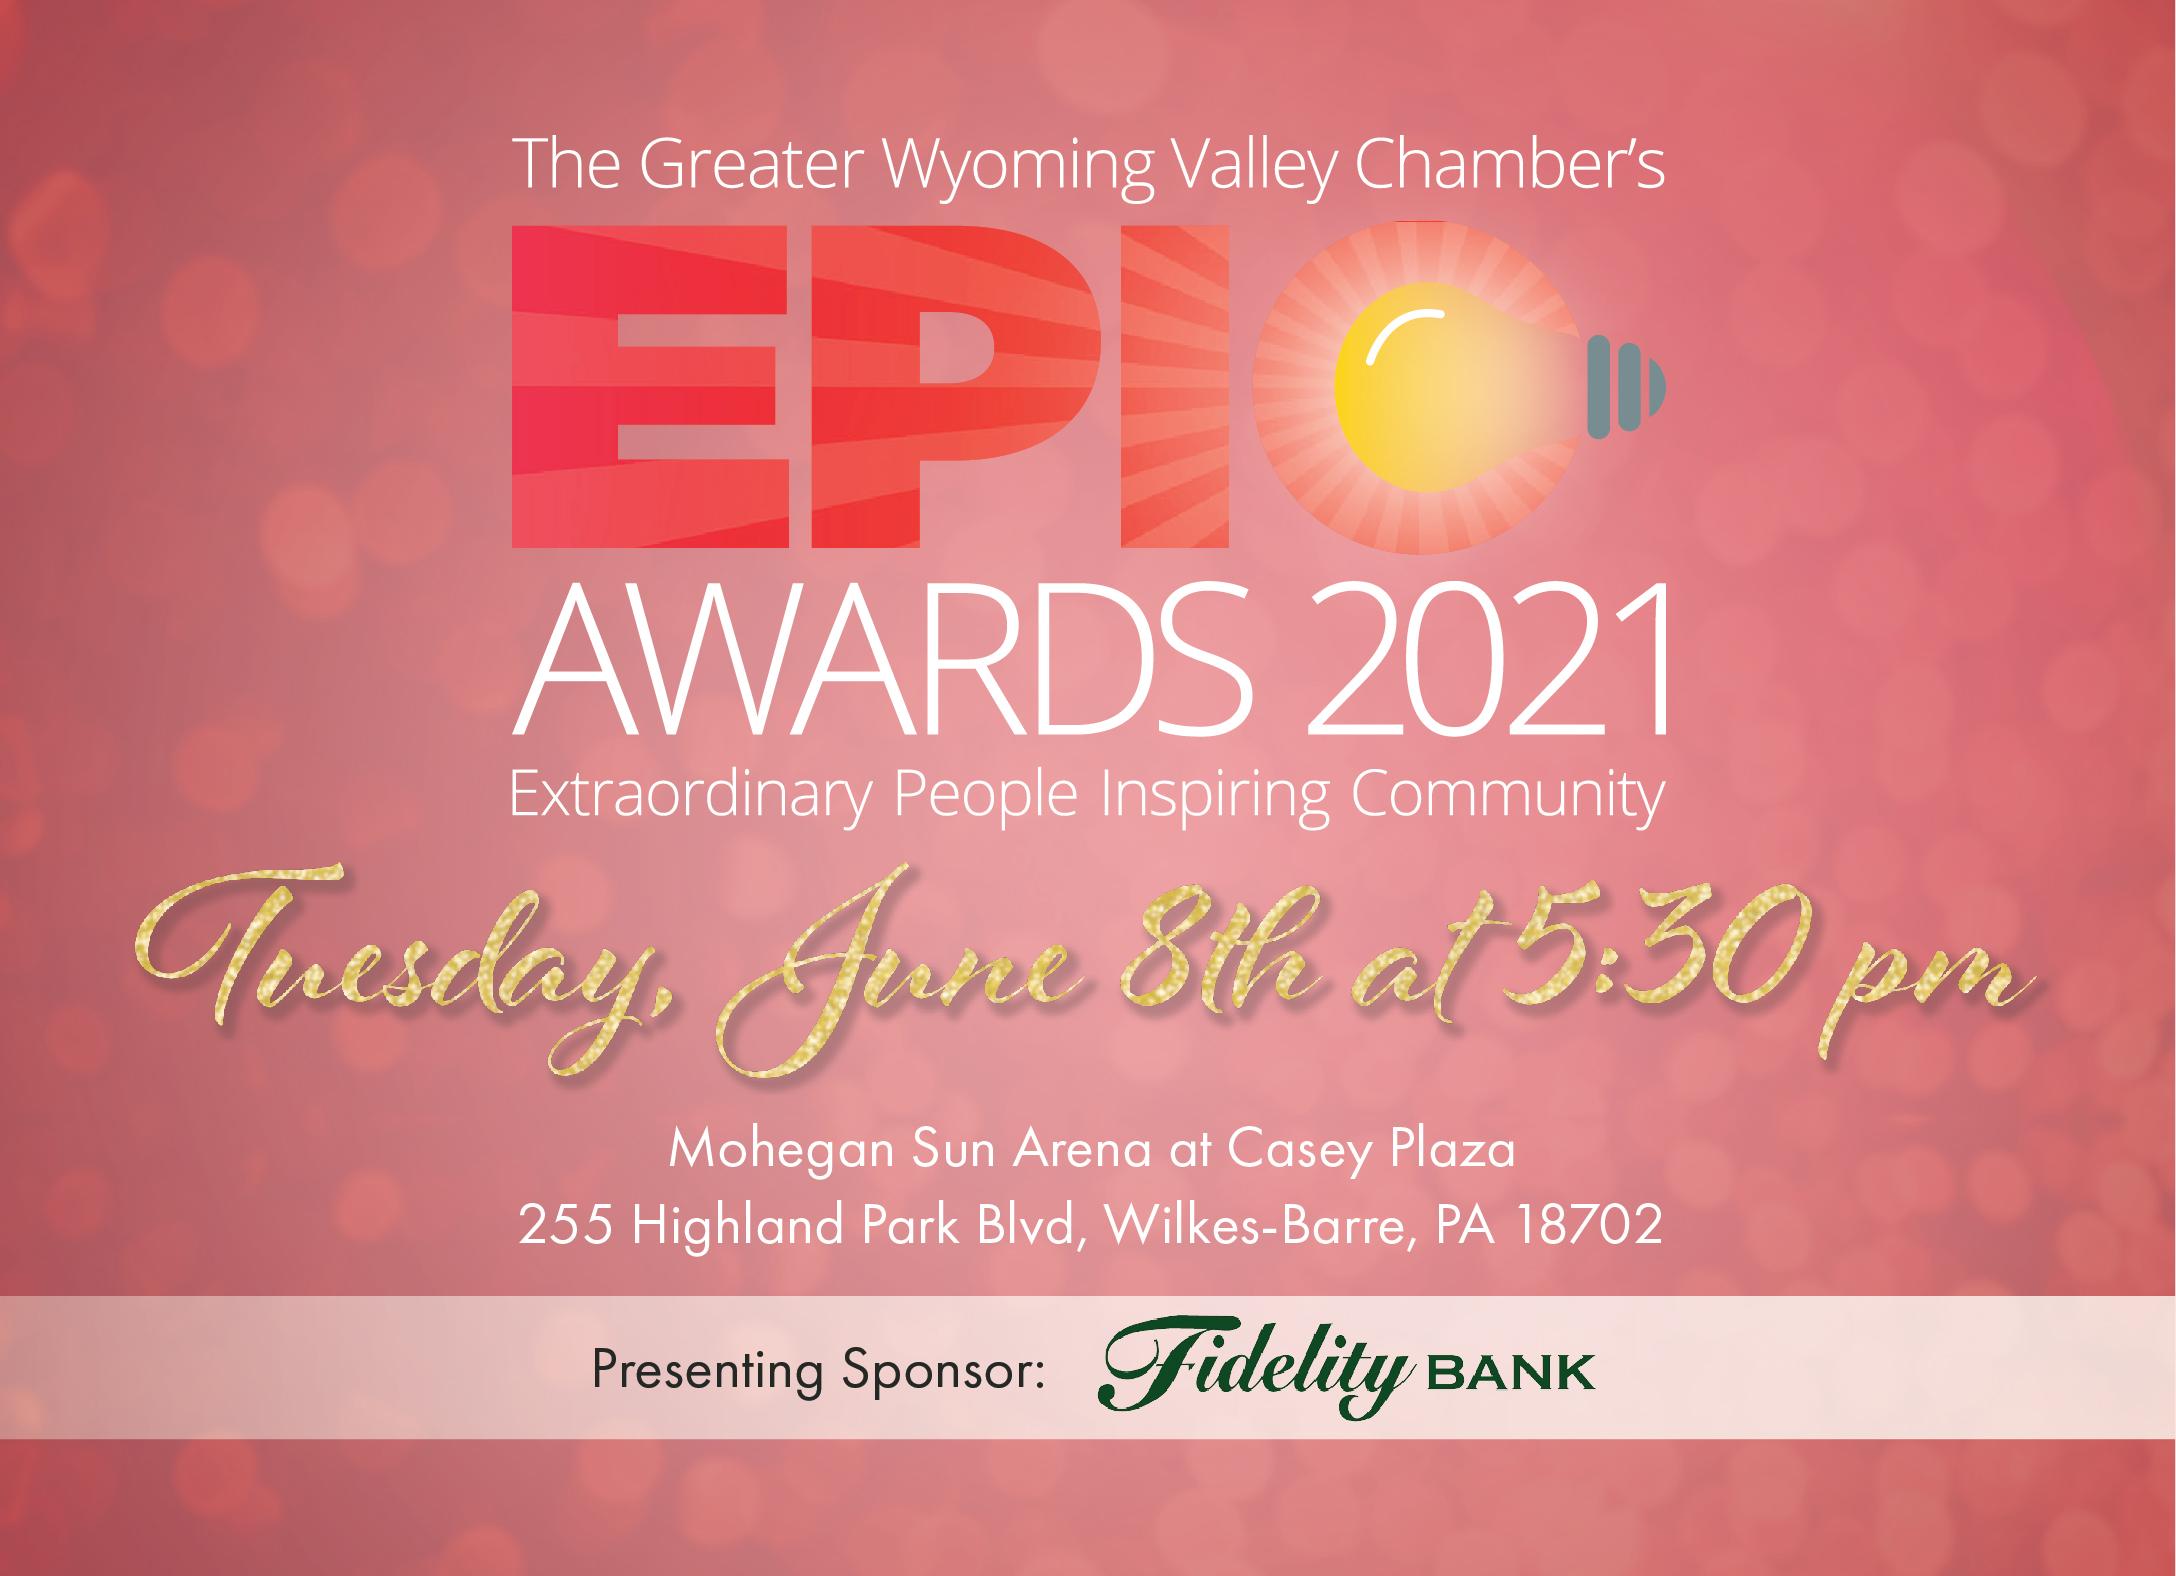 EPIC Awards 2021